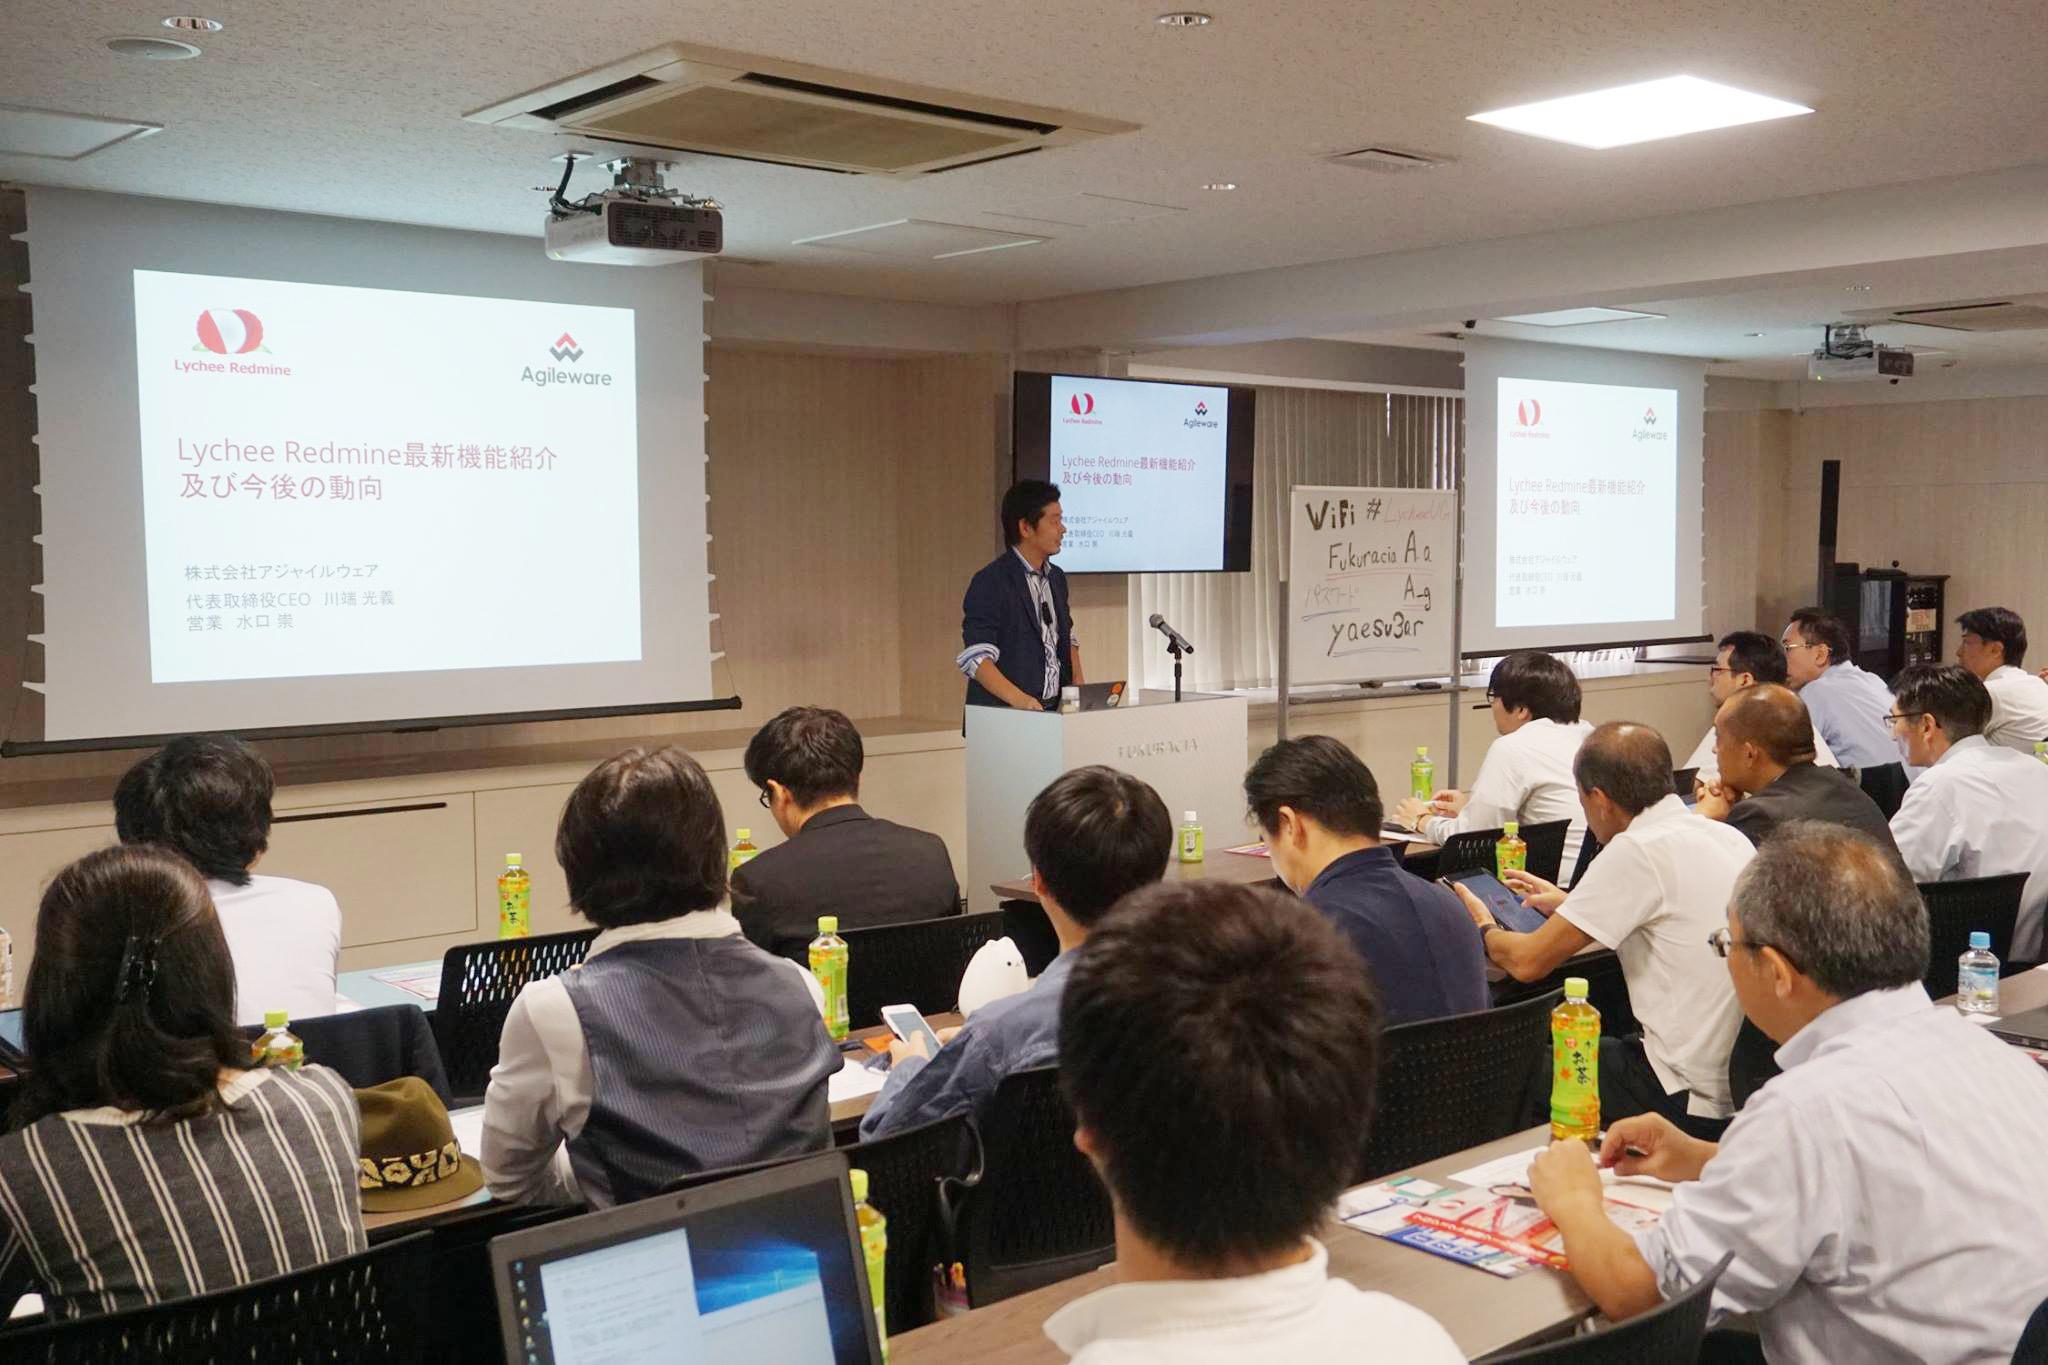 株式会社アジャイルウェア 代表取締役CEO 川端 光義(写真左)<br /> 株式会社アジャイルウェア 技術顧問 堂端 翔(写真右)